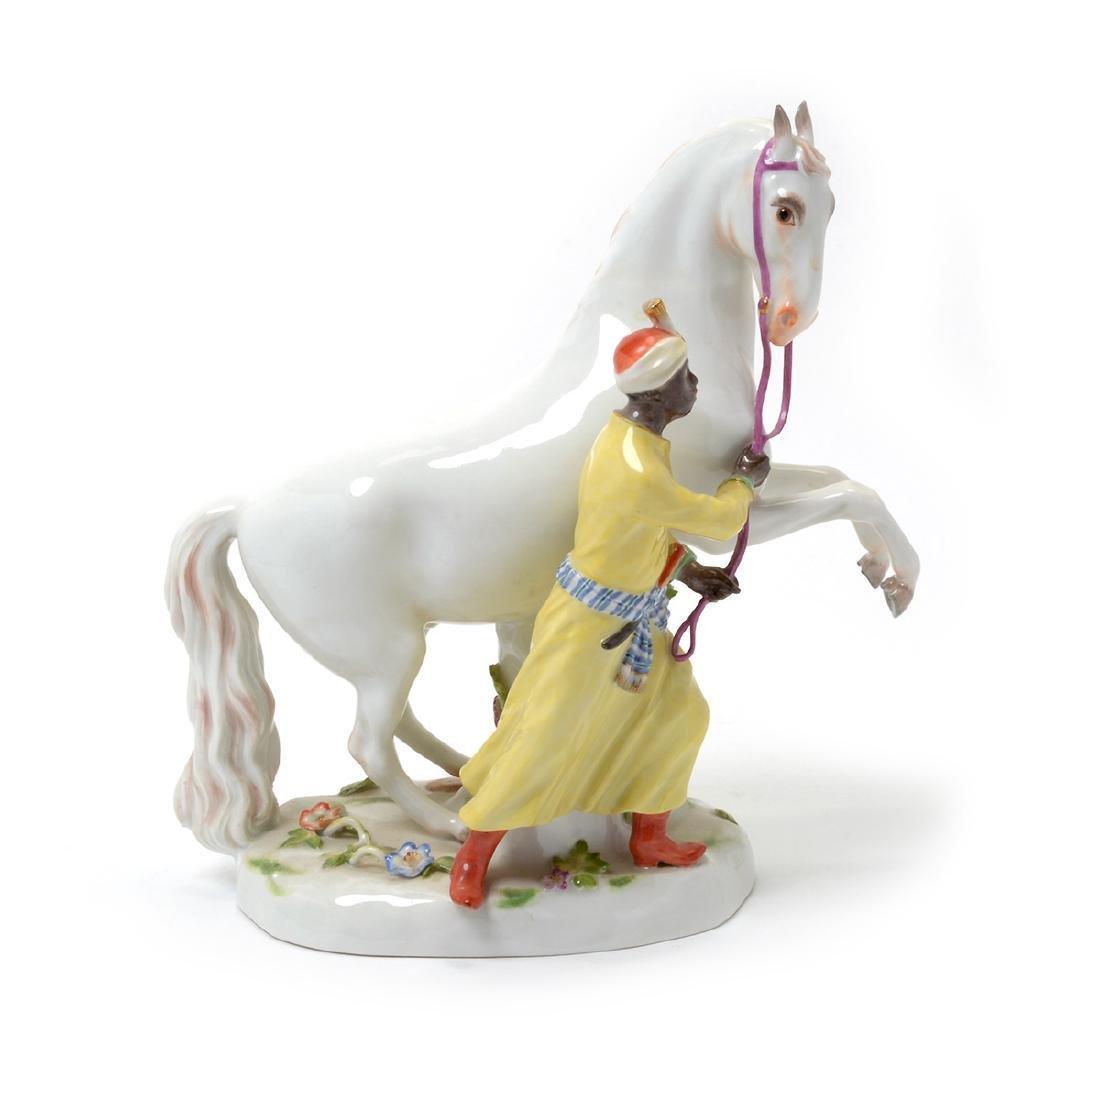 19TH C. MEISSEN FIGURE OF BLACKMOOR W/ HORSE - 3